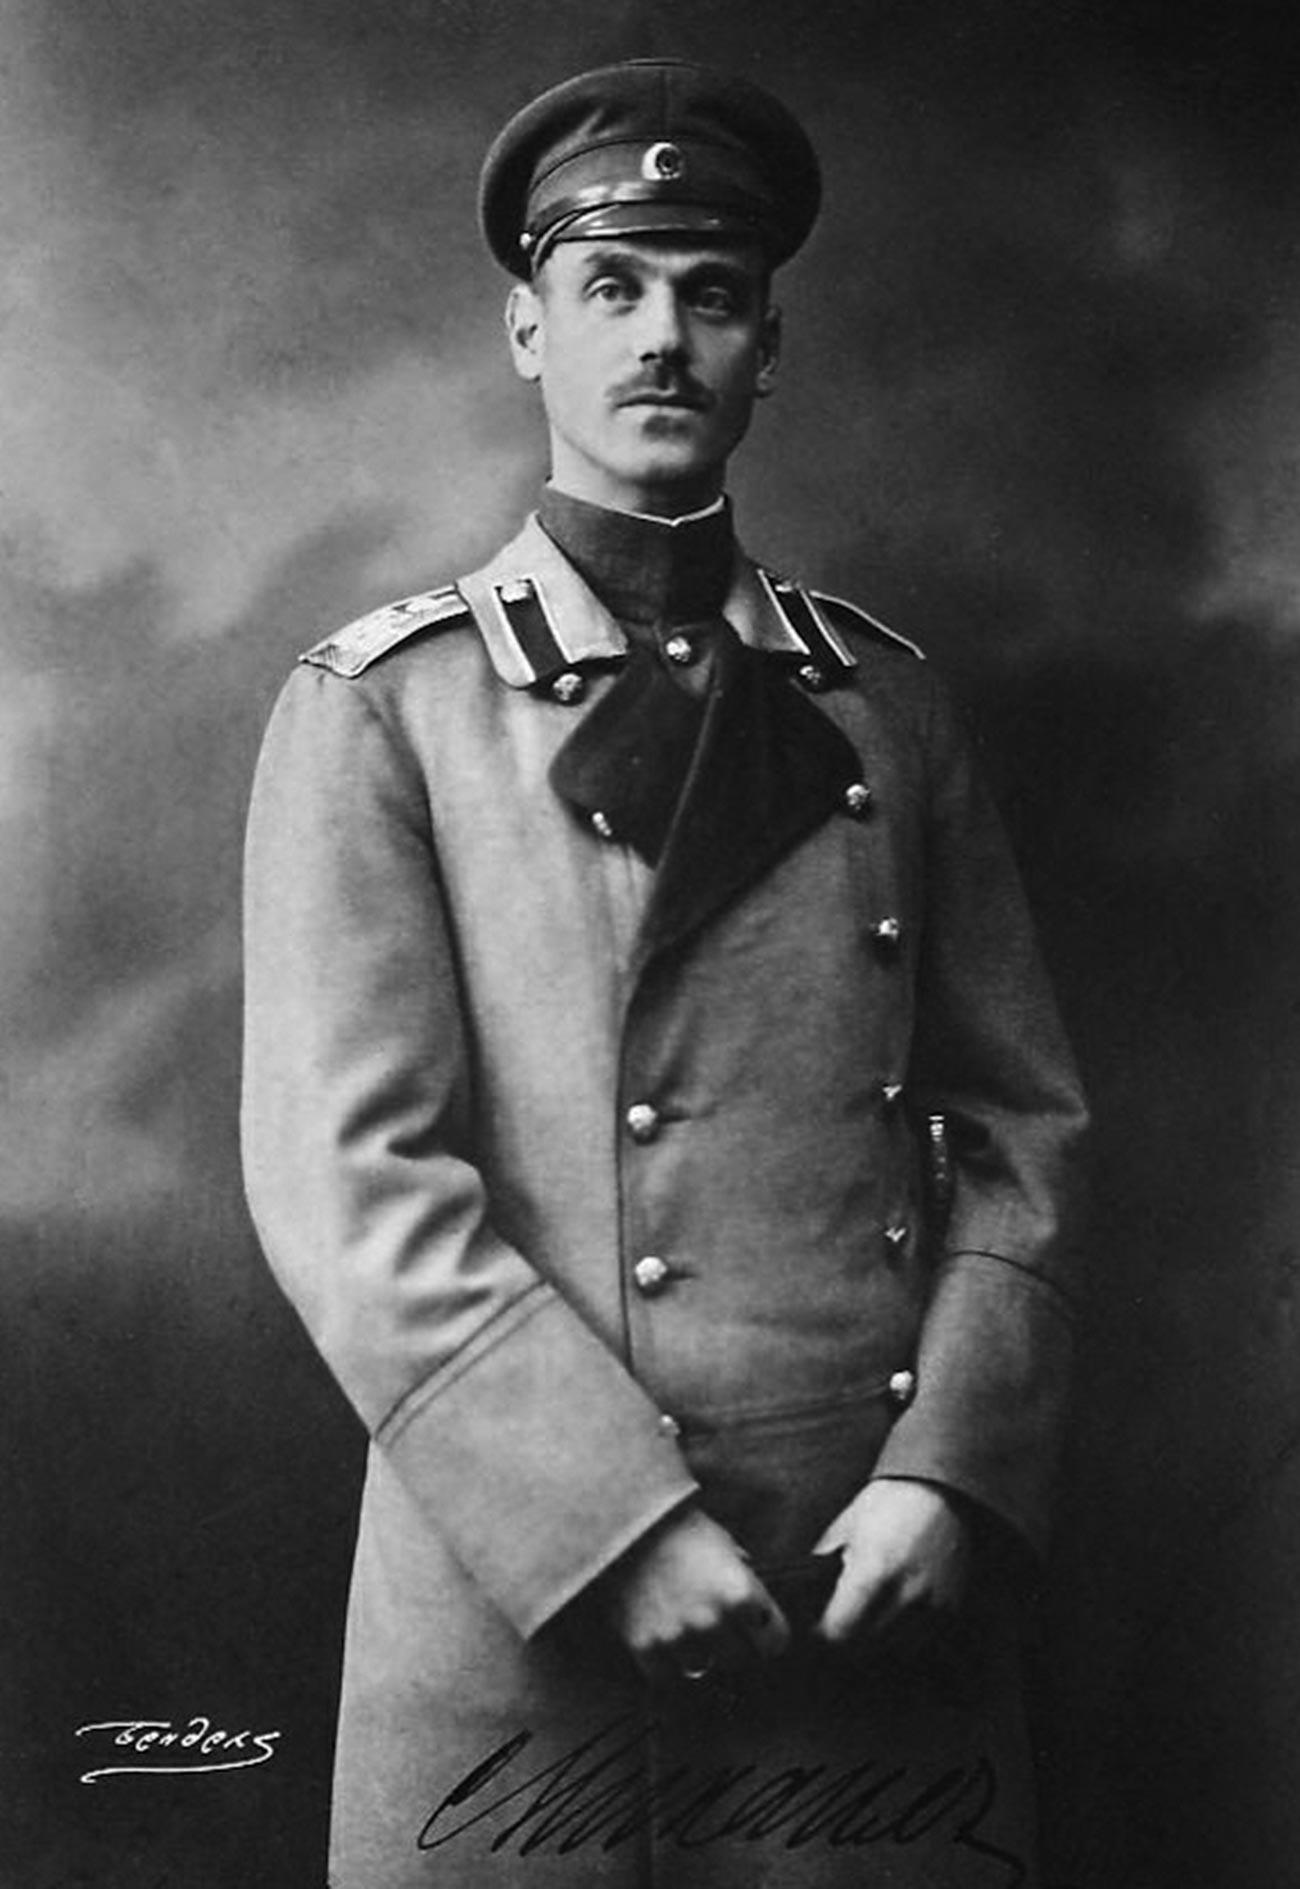 Pangeran Agung Mikhail Aleksandrovich.